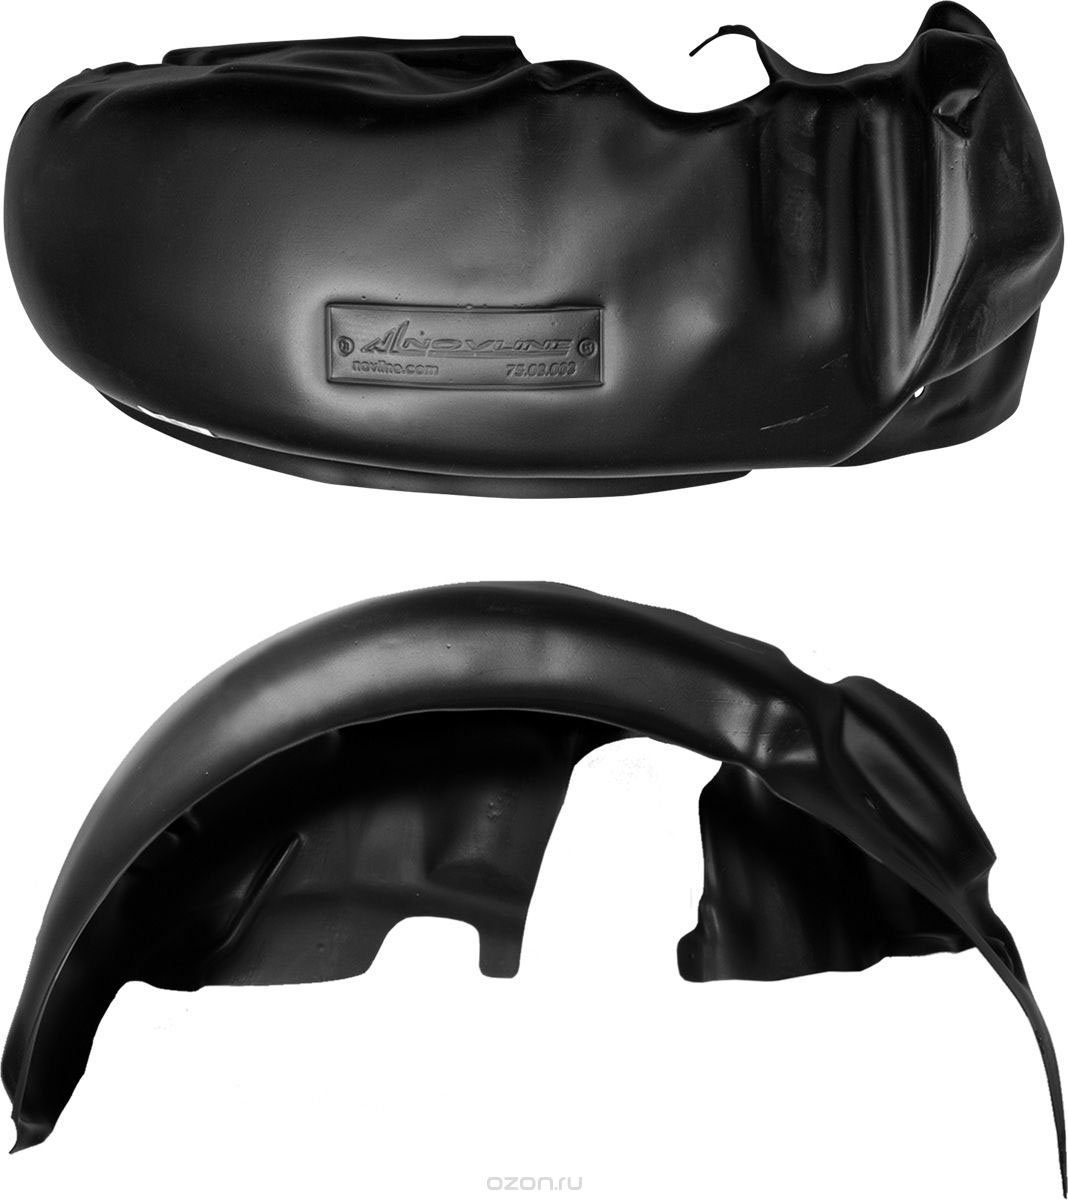 Подкрылок Novline-Autofamily, для Ford Transit, передний привод, 2014->, задний левыйNLL.16.56.003Идеальная защита колесной ниши. Локеры разработаны с применением цифровых технологий, гарантируют максимальную повторяемость поверхности арки. Изделия устанавливаются без нарушения лакокрасочного покрытия автомобиля, каждый подкрылок комплектуется крепежом. Уважаемые клиенты, обращаем ваше внимание, что фотографии на подкрылки универсальные и не отражают реальную форму изделия. При этом само изделие идет точно под размер указанного автомобиля.